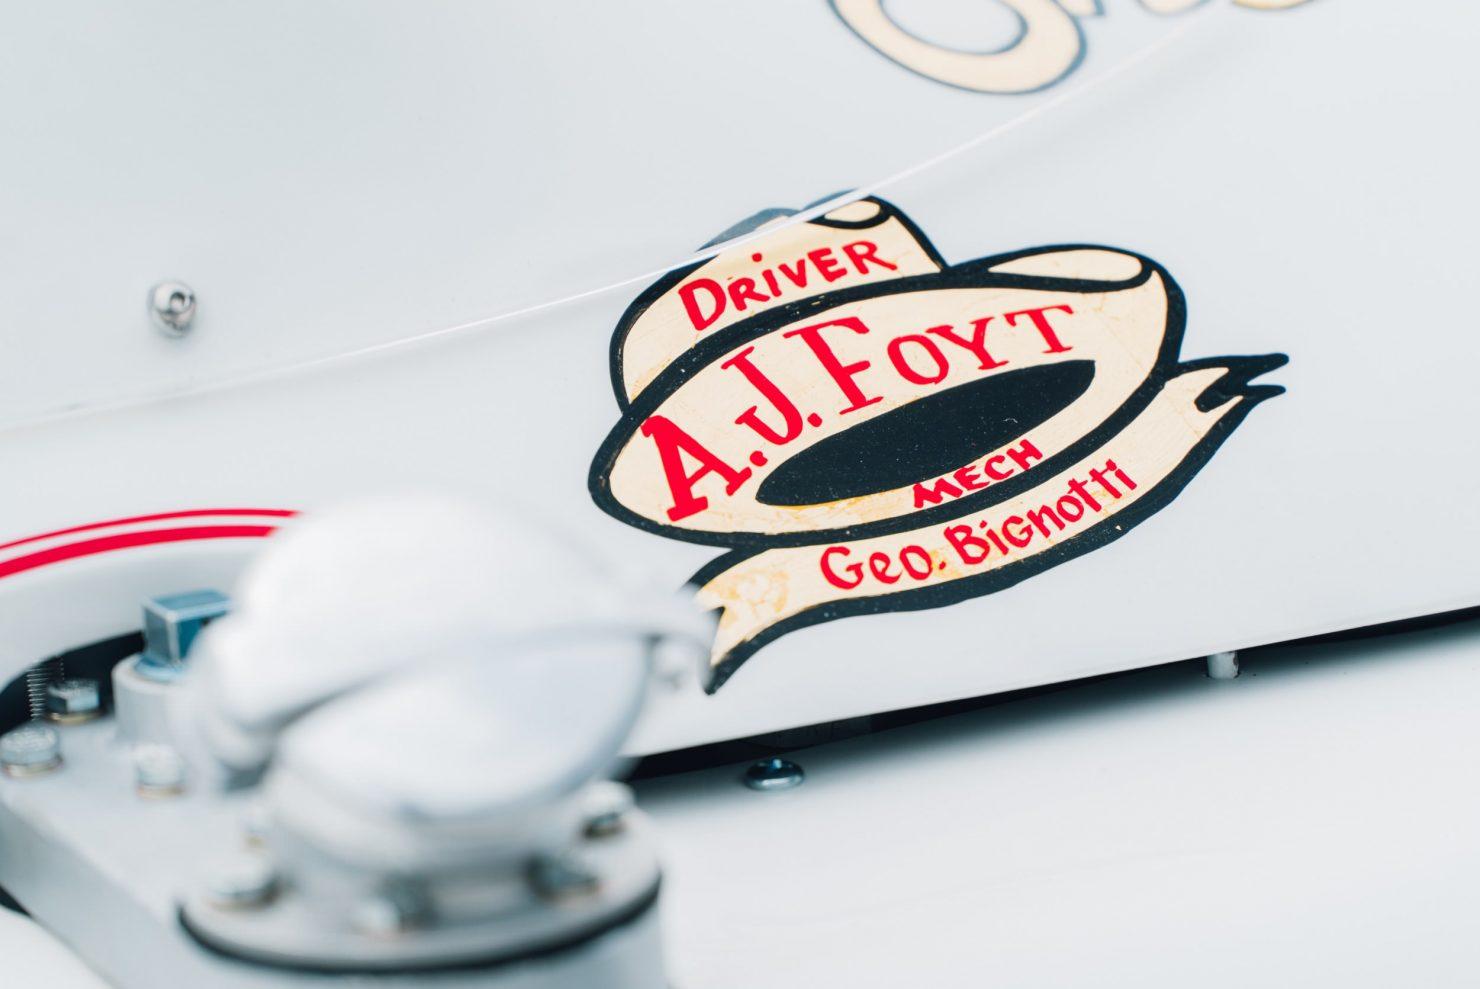 lotus type 34 indy 500 car 27 1480x989 - 1964 Lotus Type 34